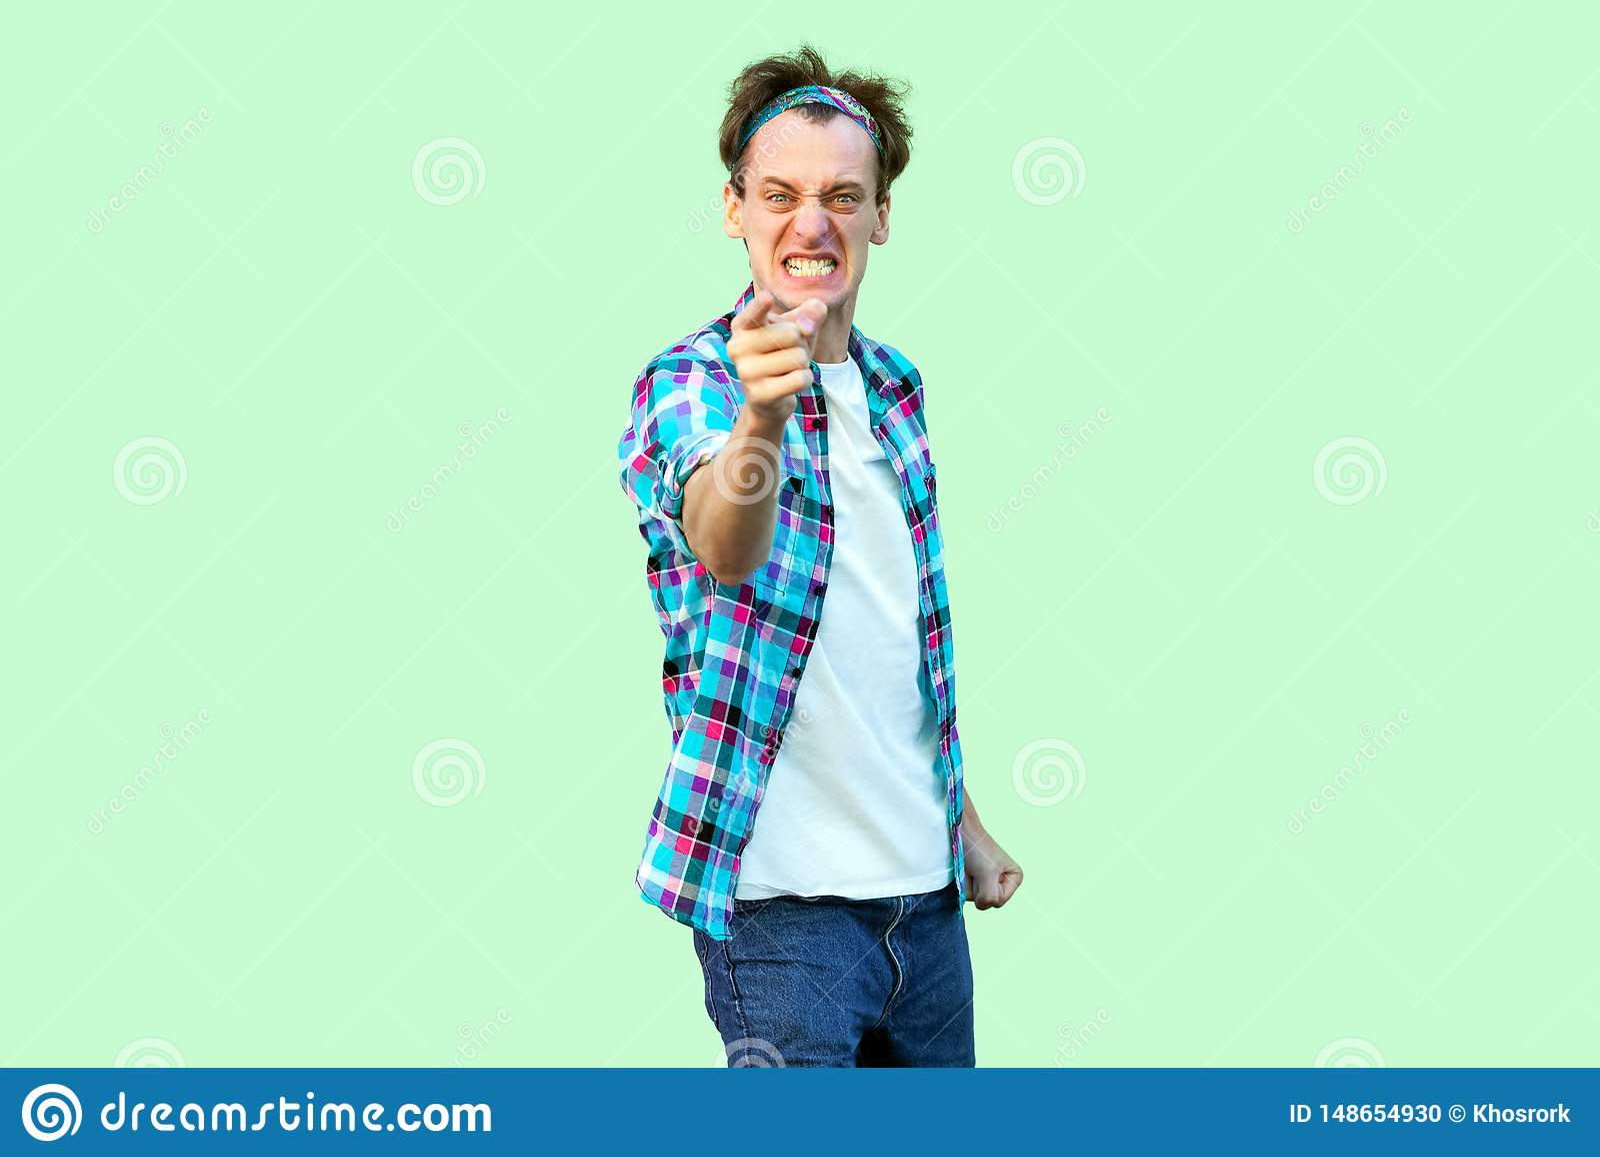 Retrato del hombre joven nervioso enojado en la situaci?n a cuadros azul casual de la camisa y de la venda, apretando los dientes